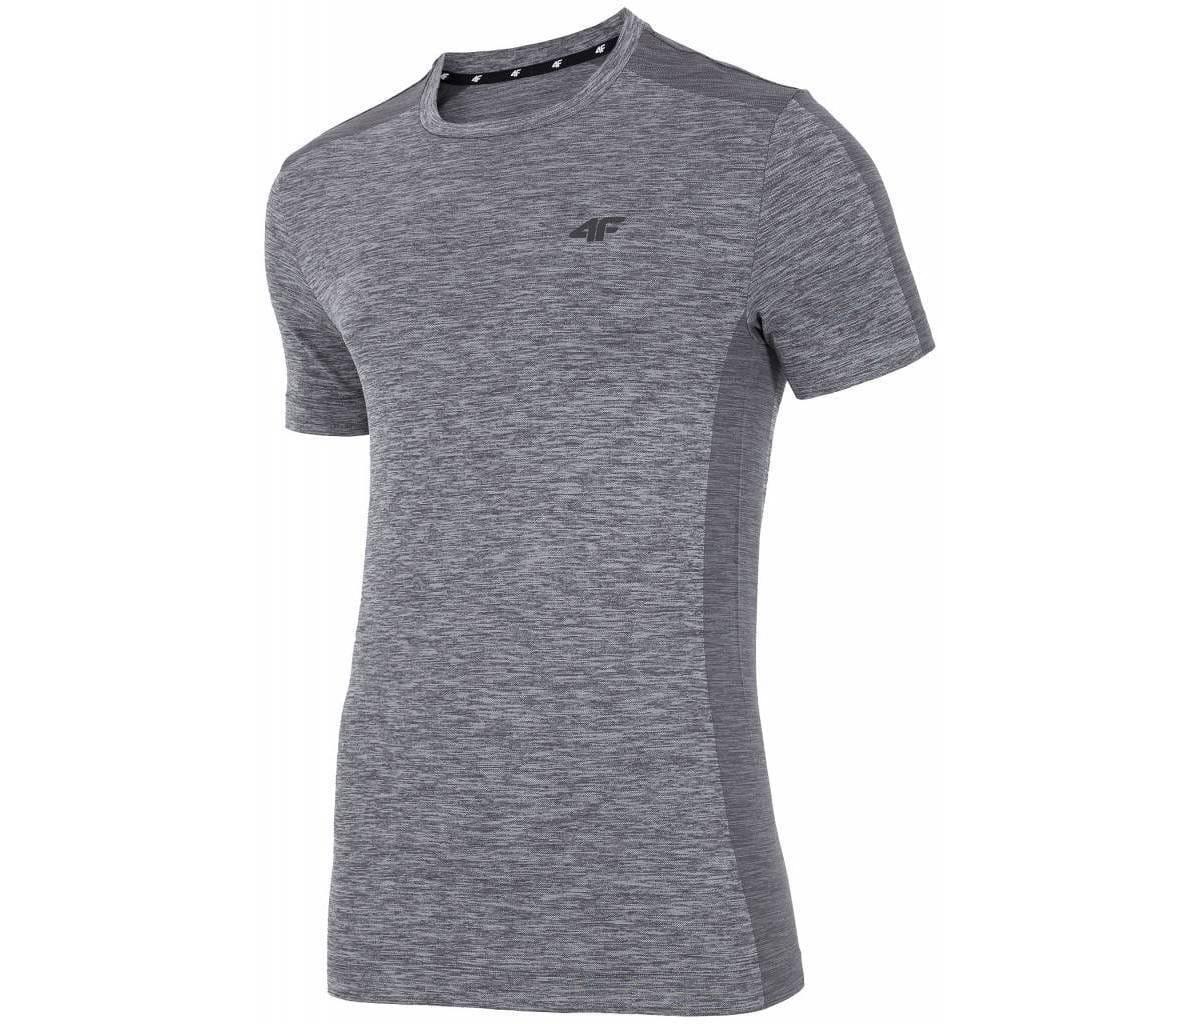 Trička 4F T-shirt fitness TSMF004